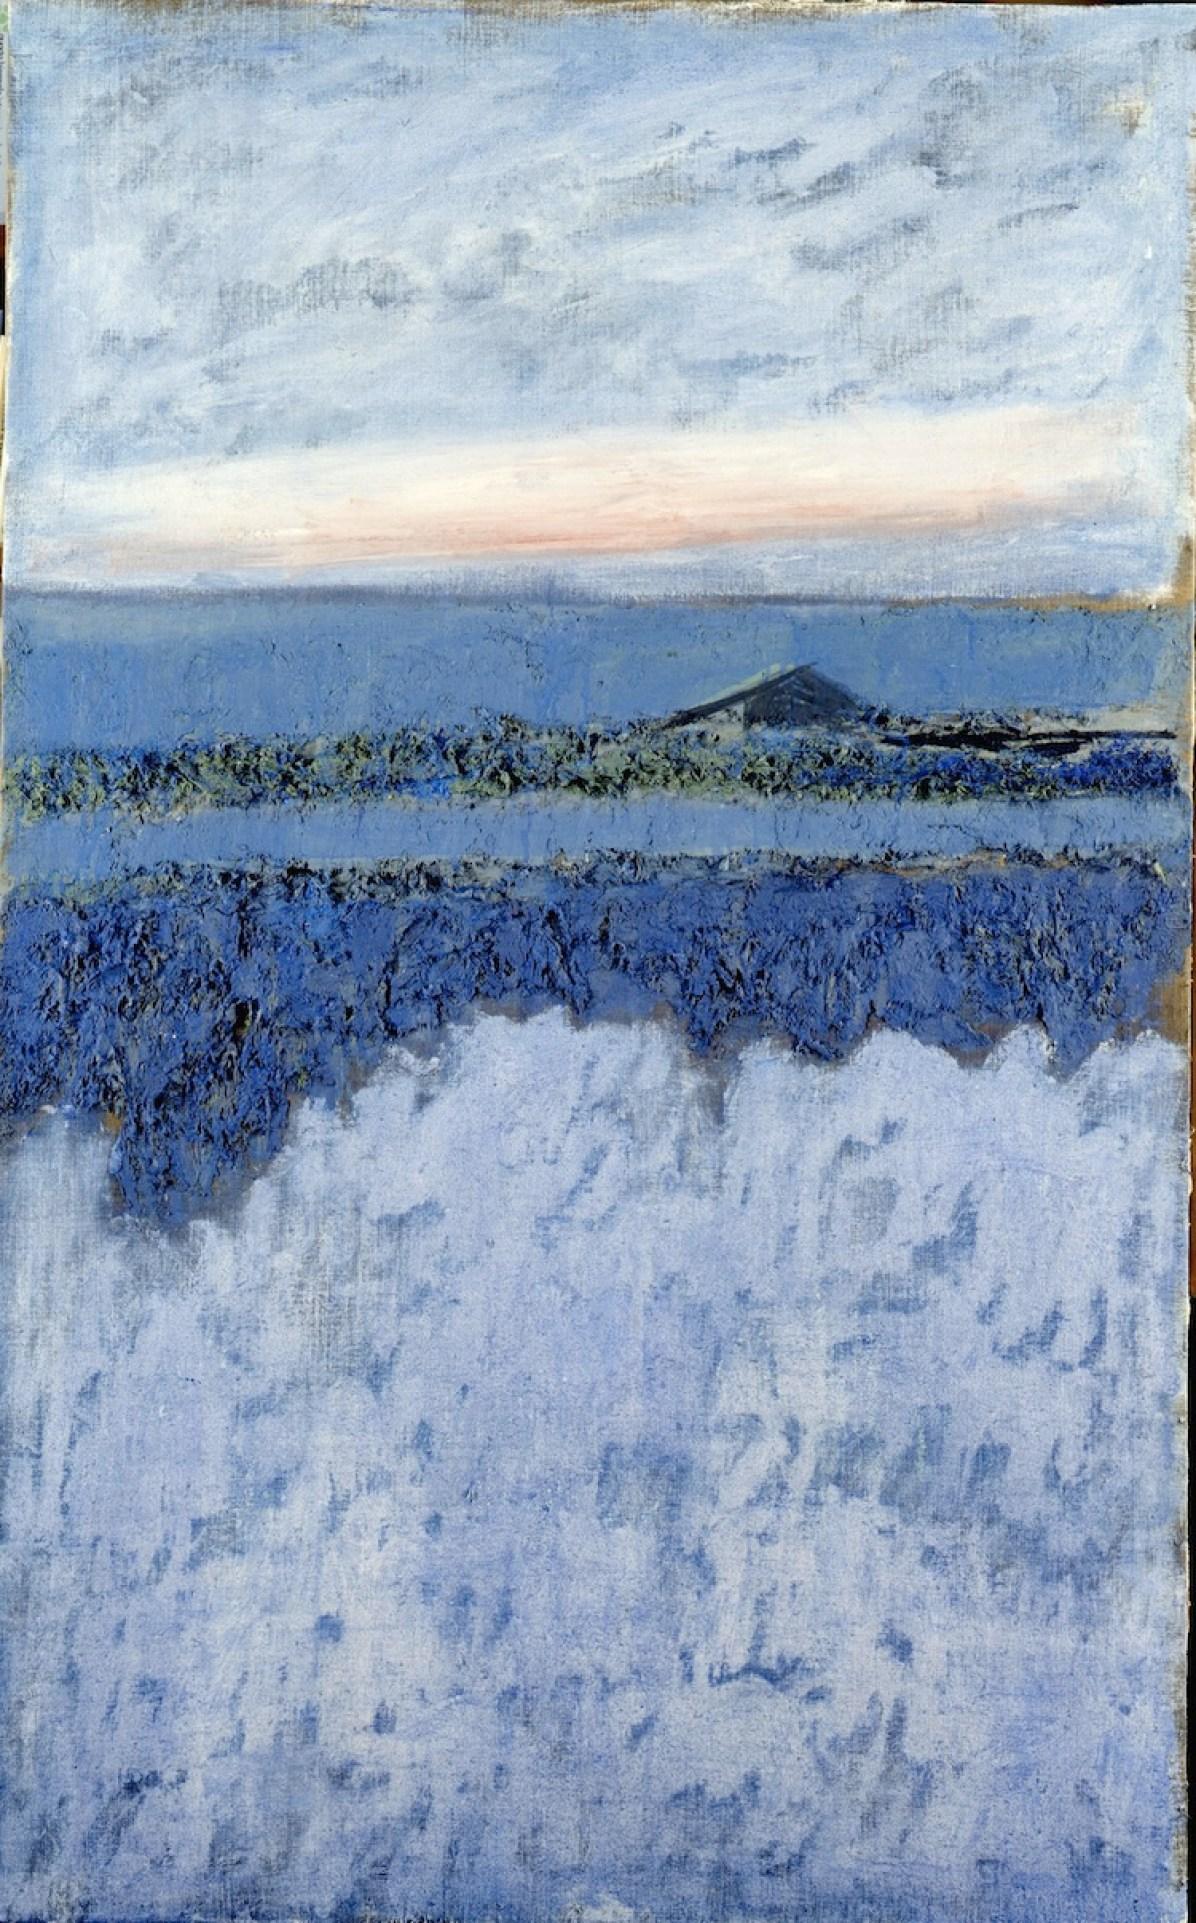 Carlo Mattioli, Spiaggia, 1988, olio su tela, 153x95 cm, Collezione privata Crediti Archivio Mattioli